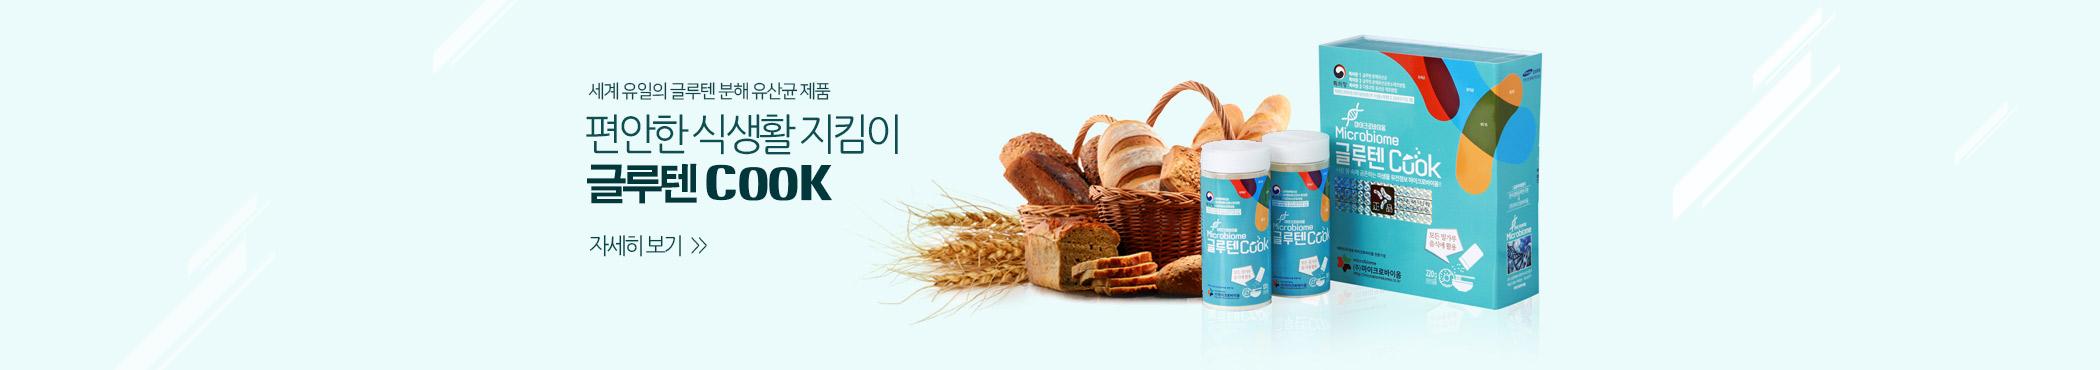 세계 유일의 글루텐 분해 유산균 제품 편안한 식생활 지킴이 글루텐 쿡